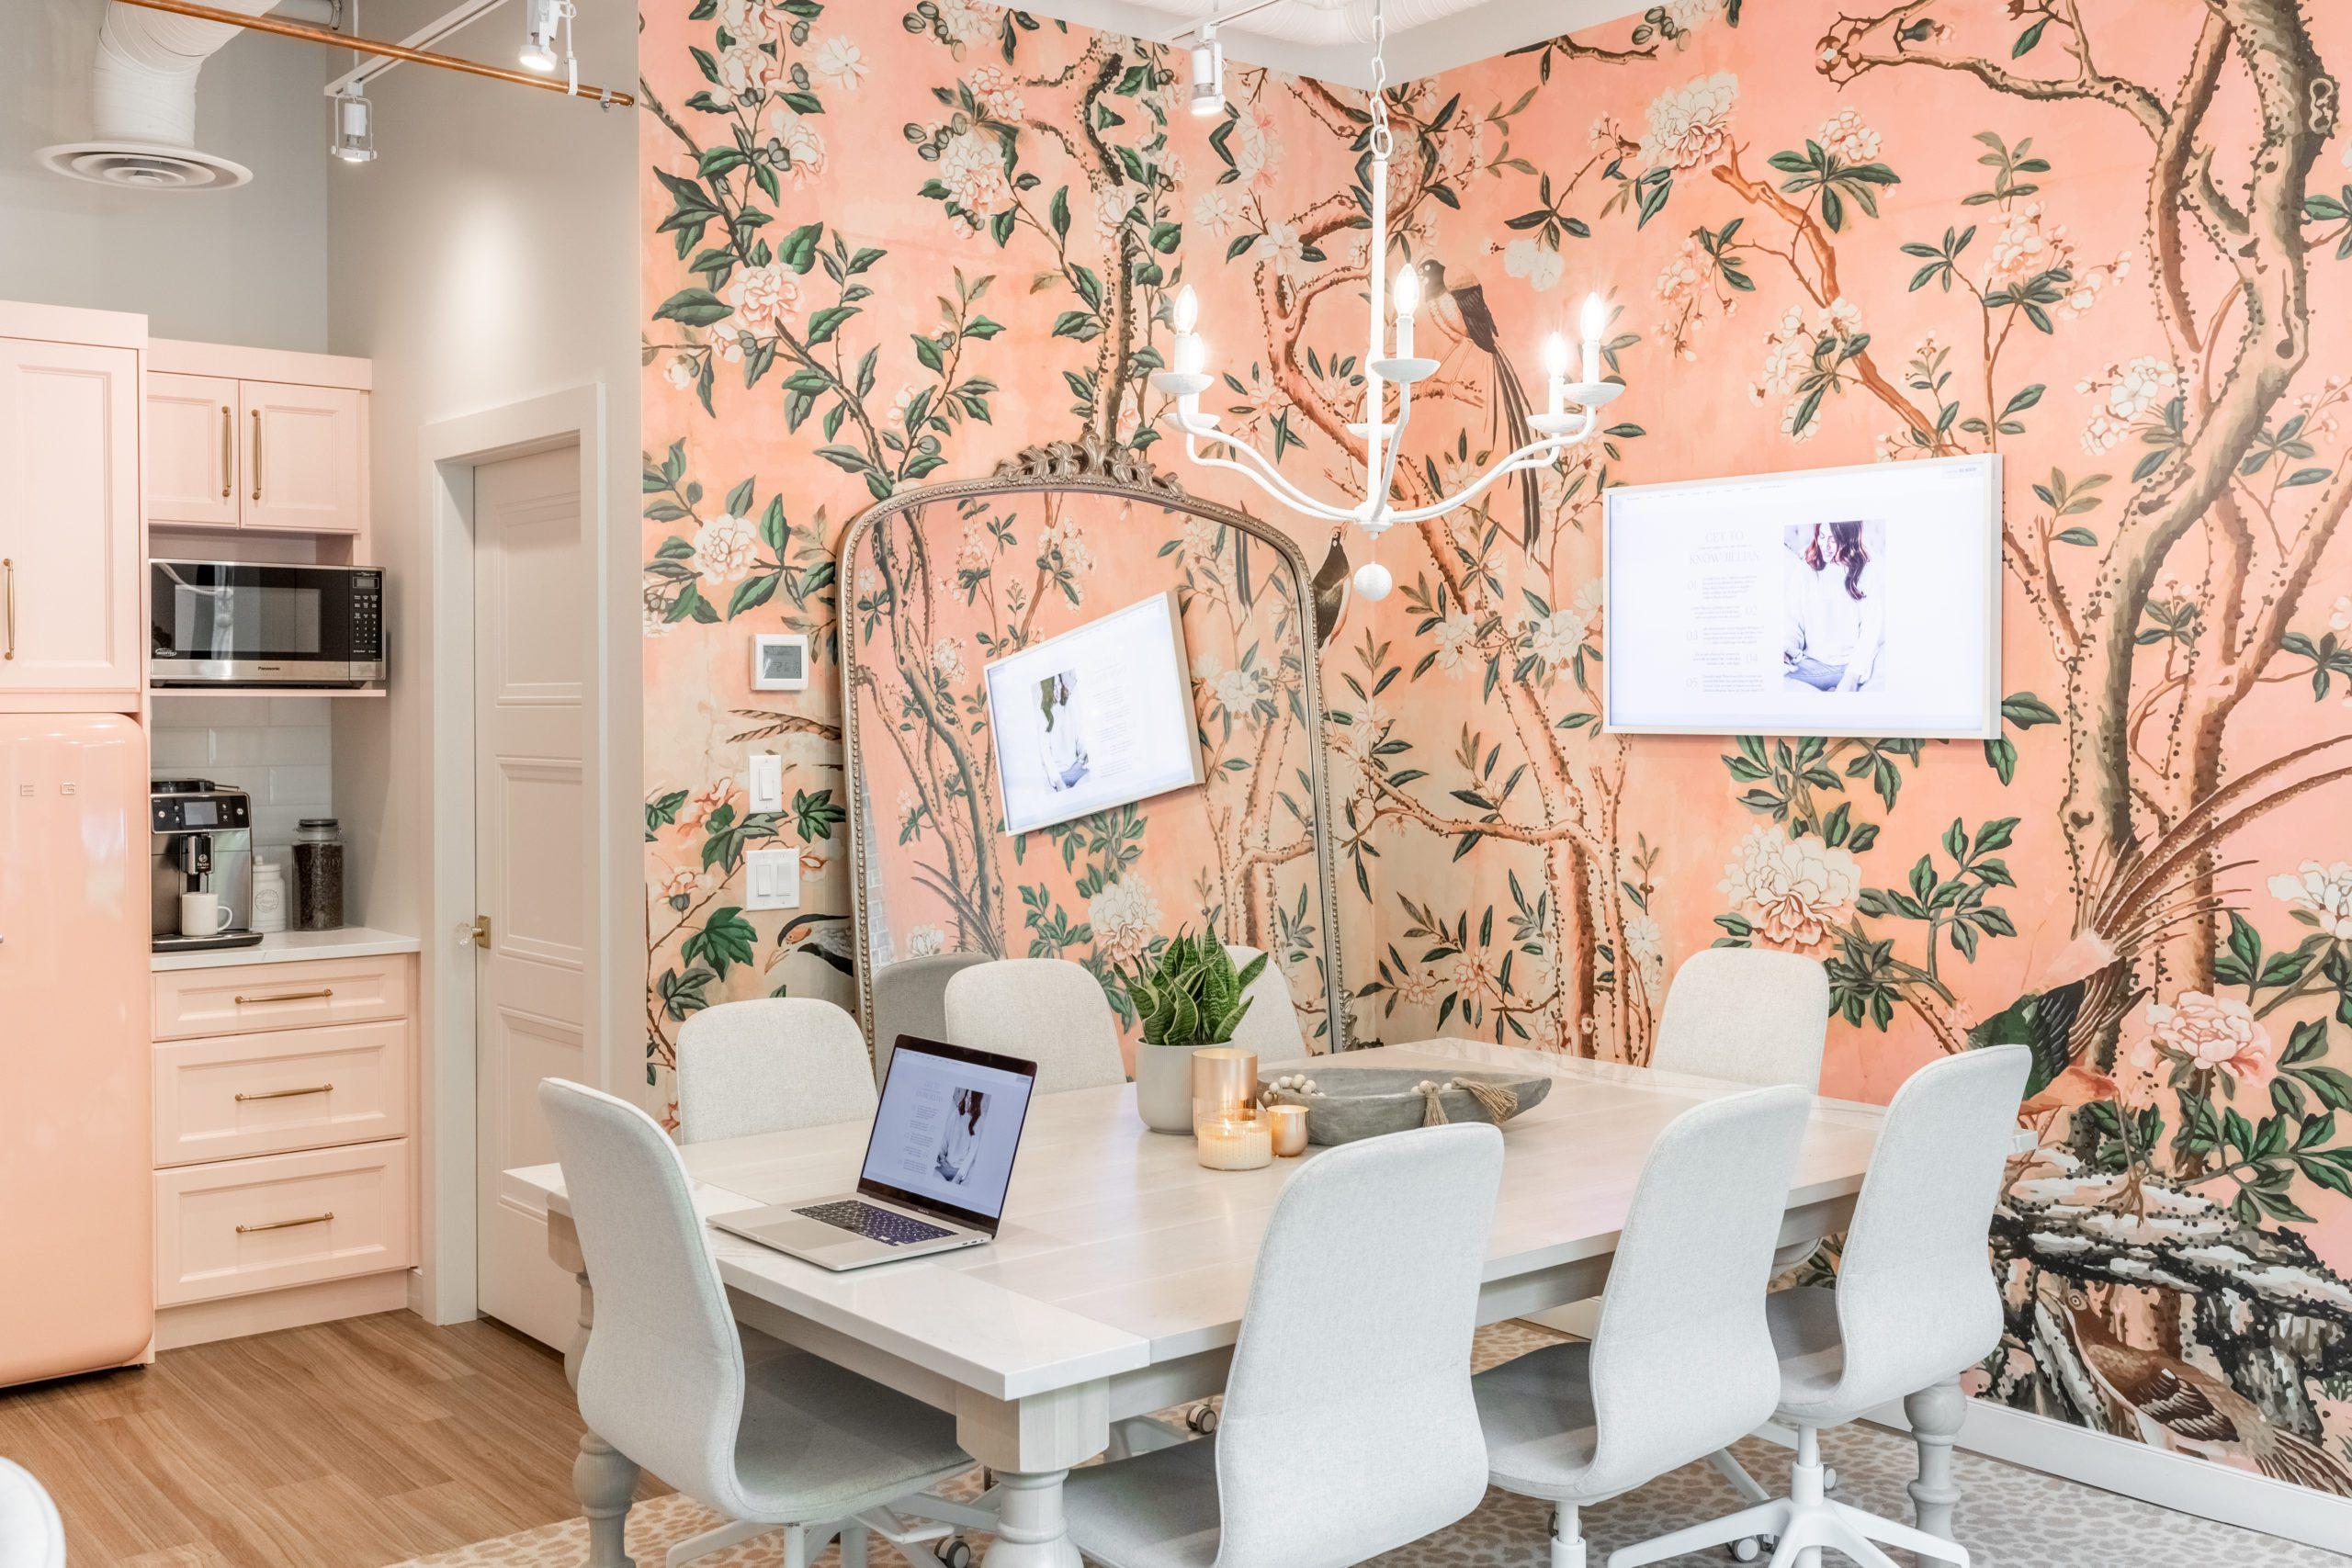 Jillian Harris Design Office Reveal!